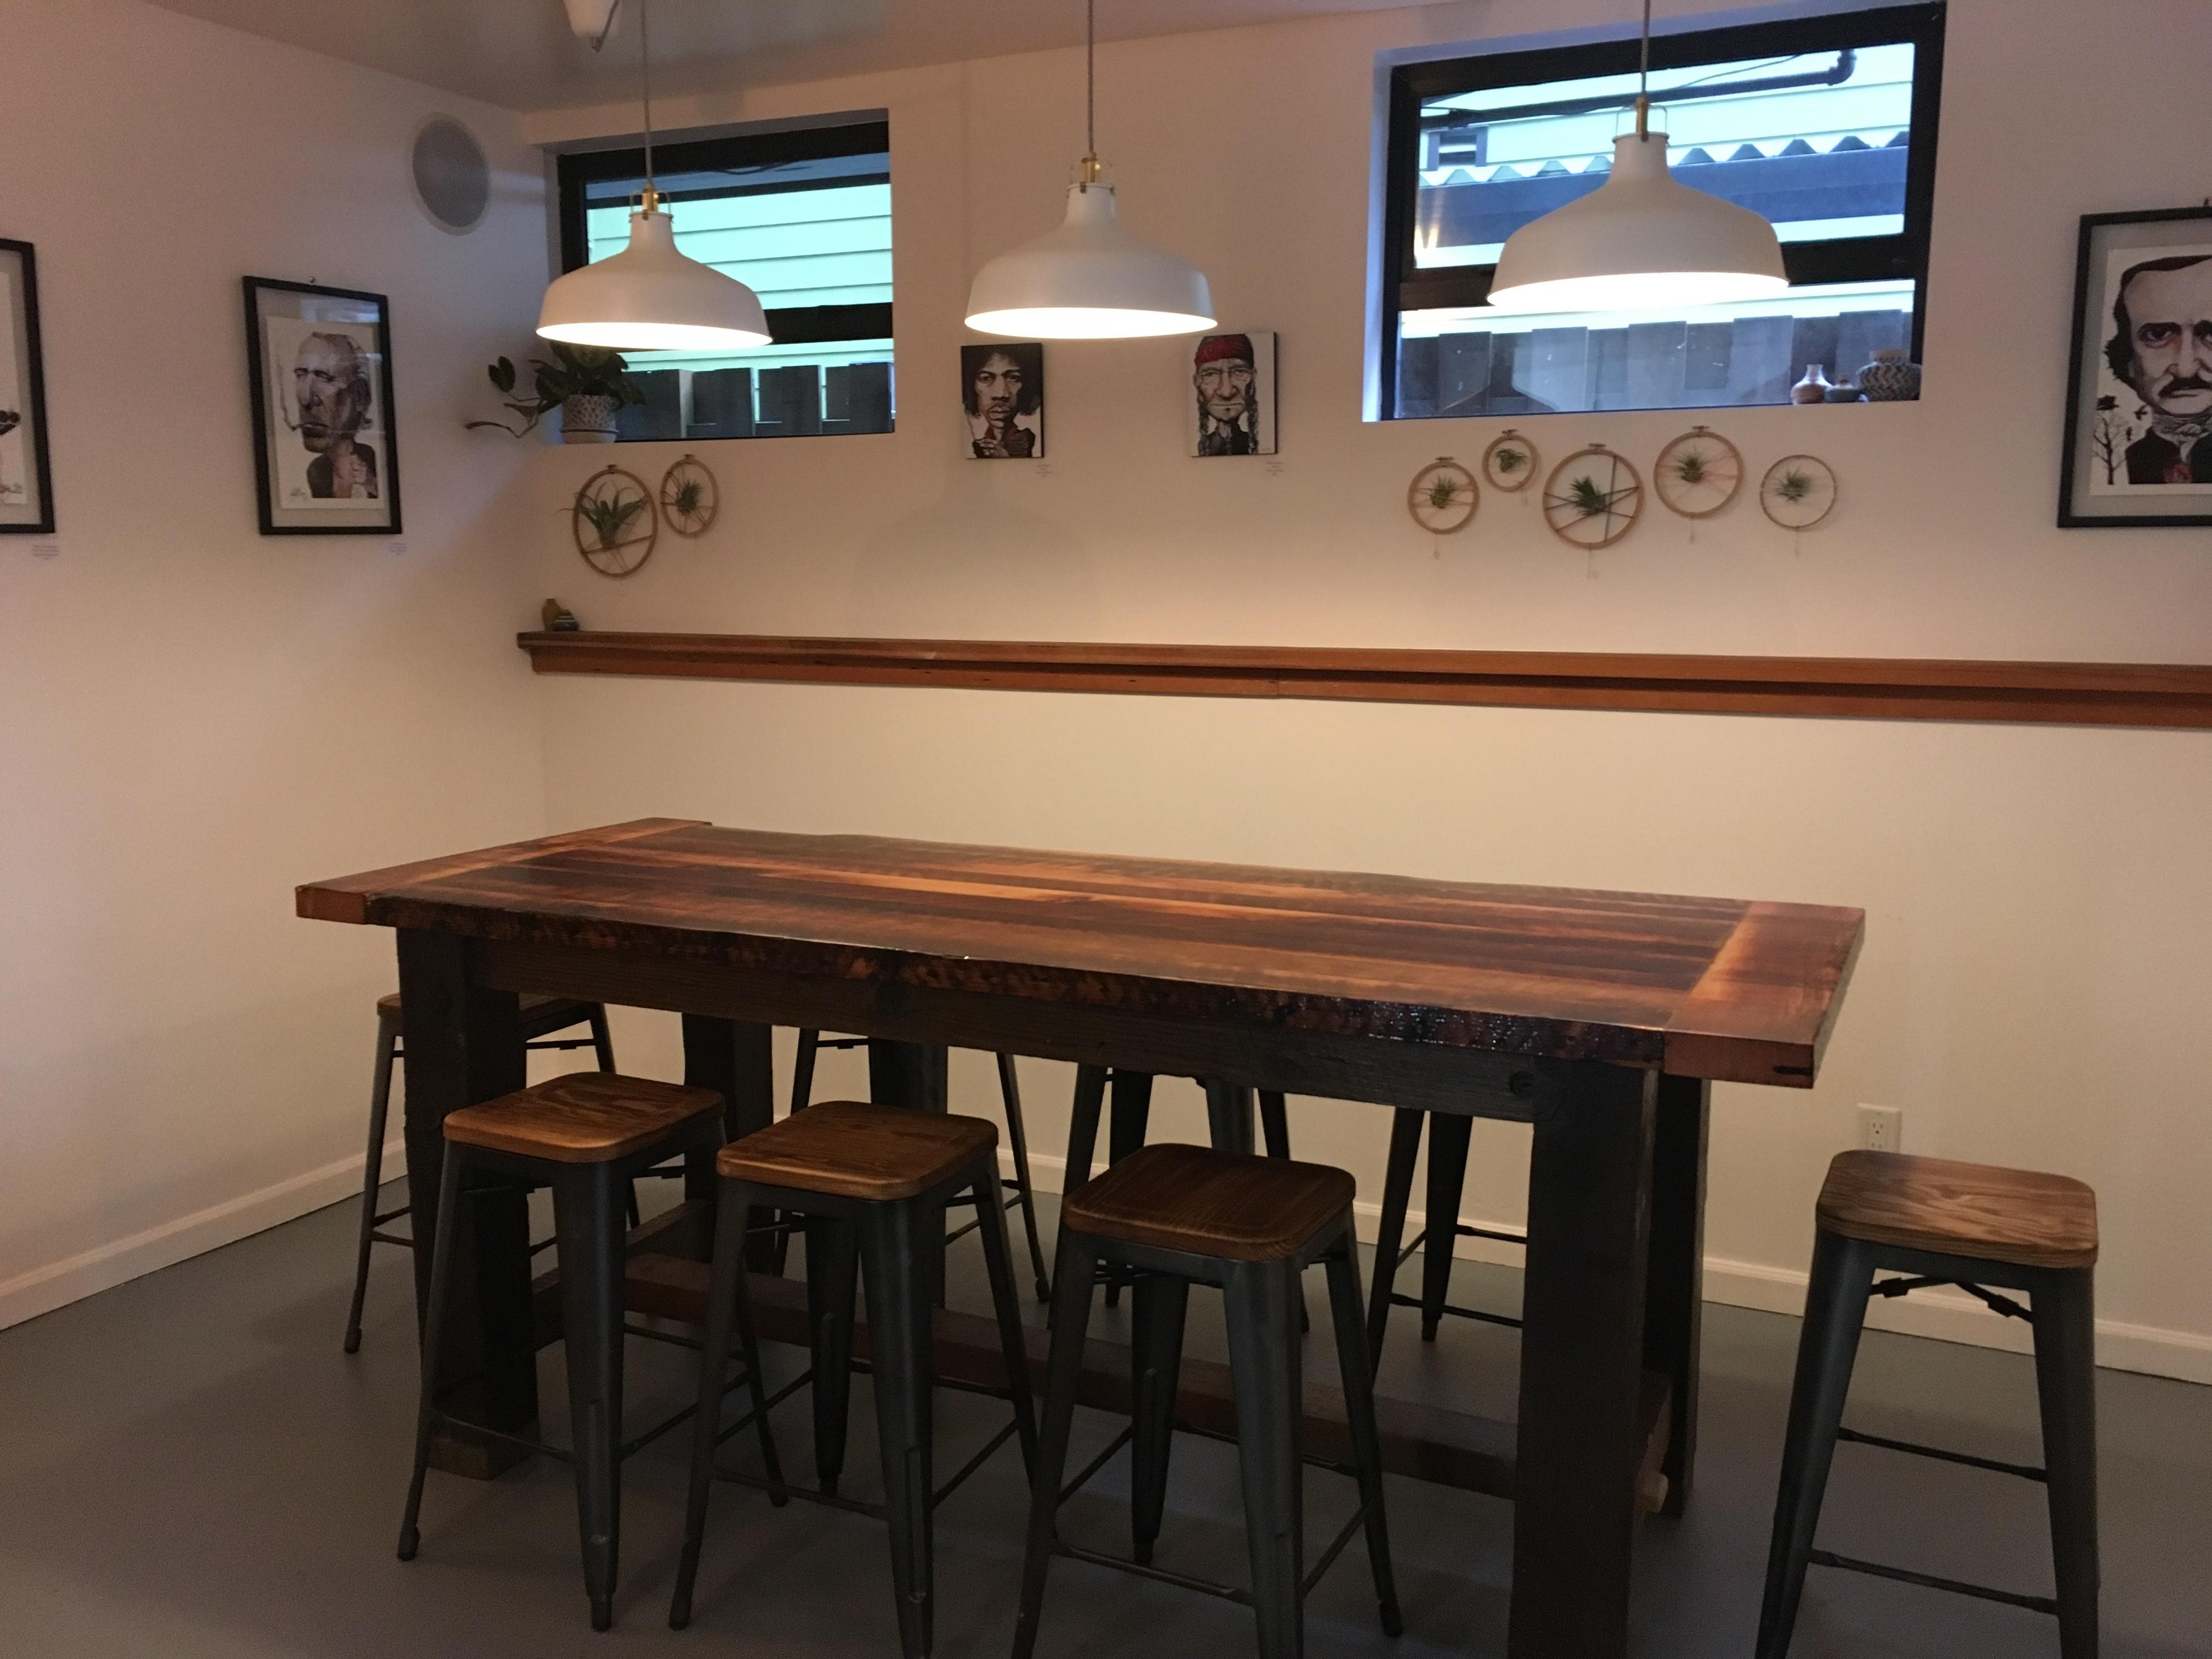 kitchen sink food drink in portland or. Black Bedroom Furniture Sets. Home Design Ideas